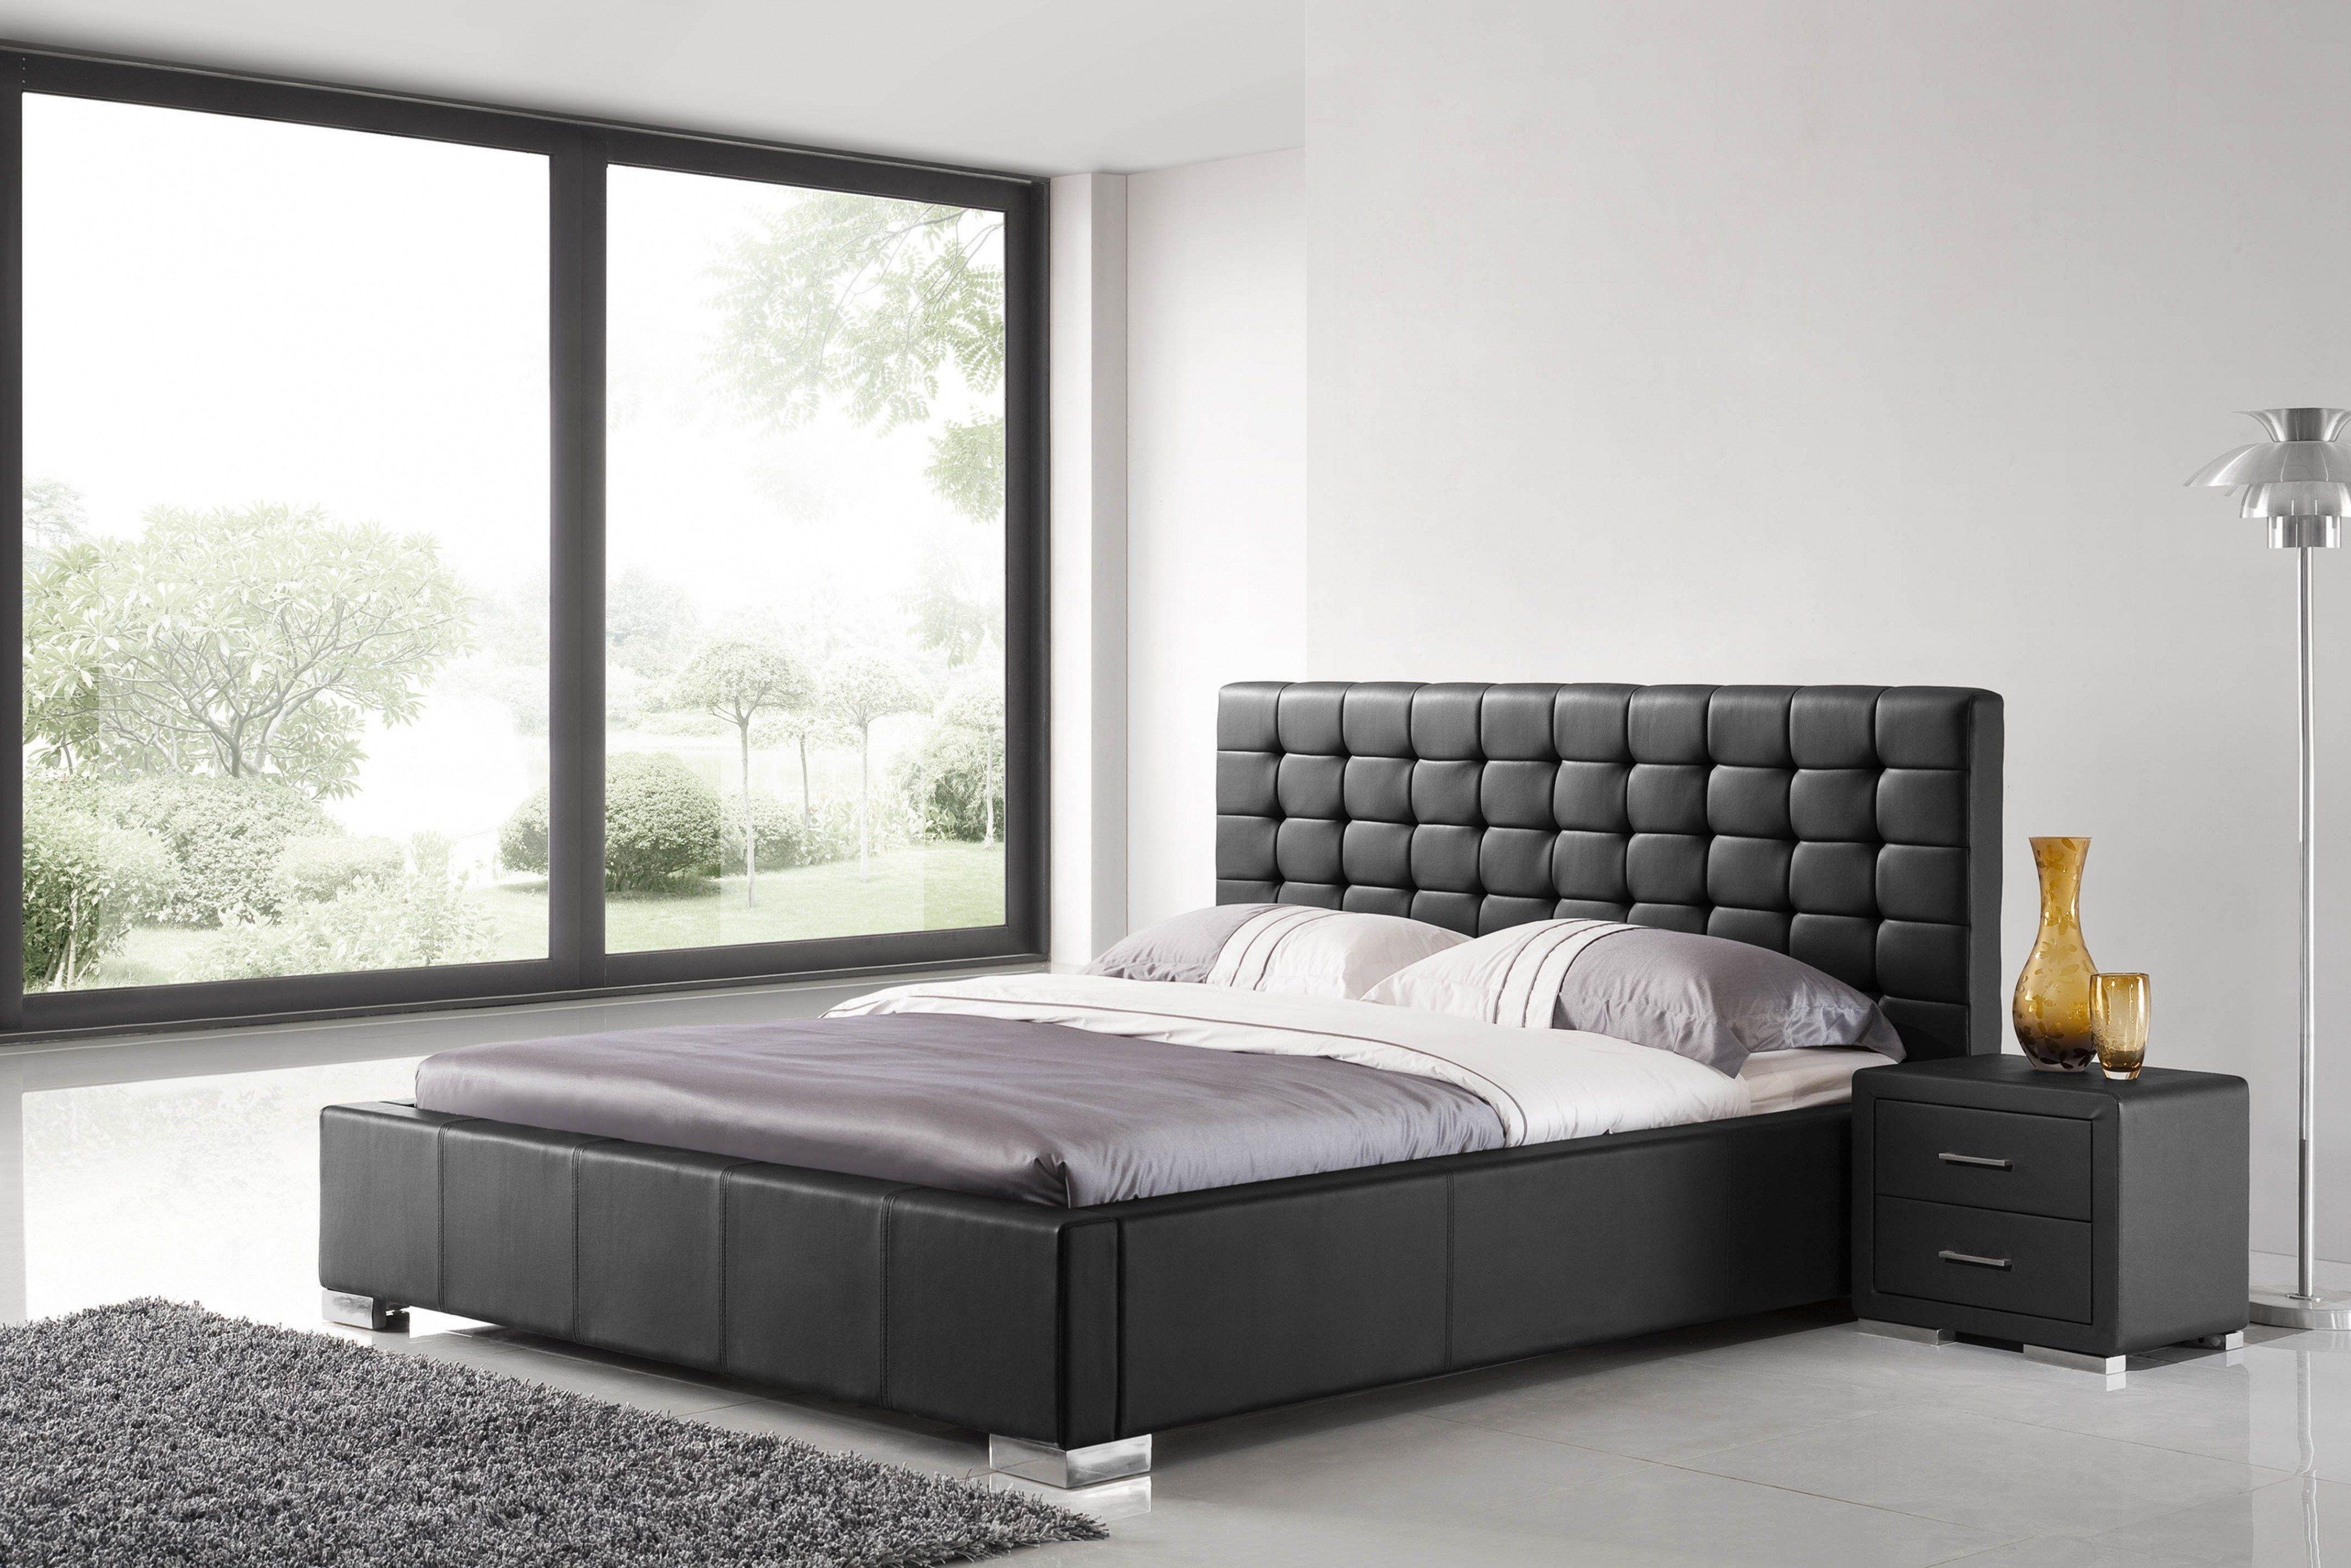 Tete De Lit Avec Chevet Intégré Ikea De Luxe Lit Rangement Intégré